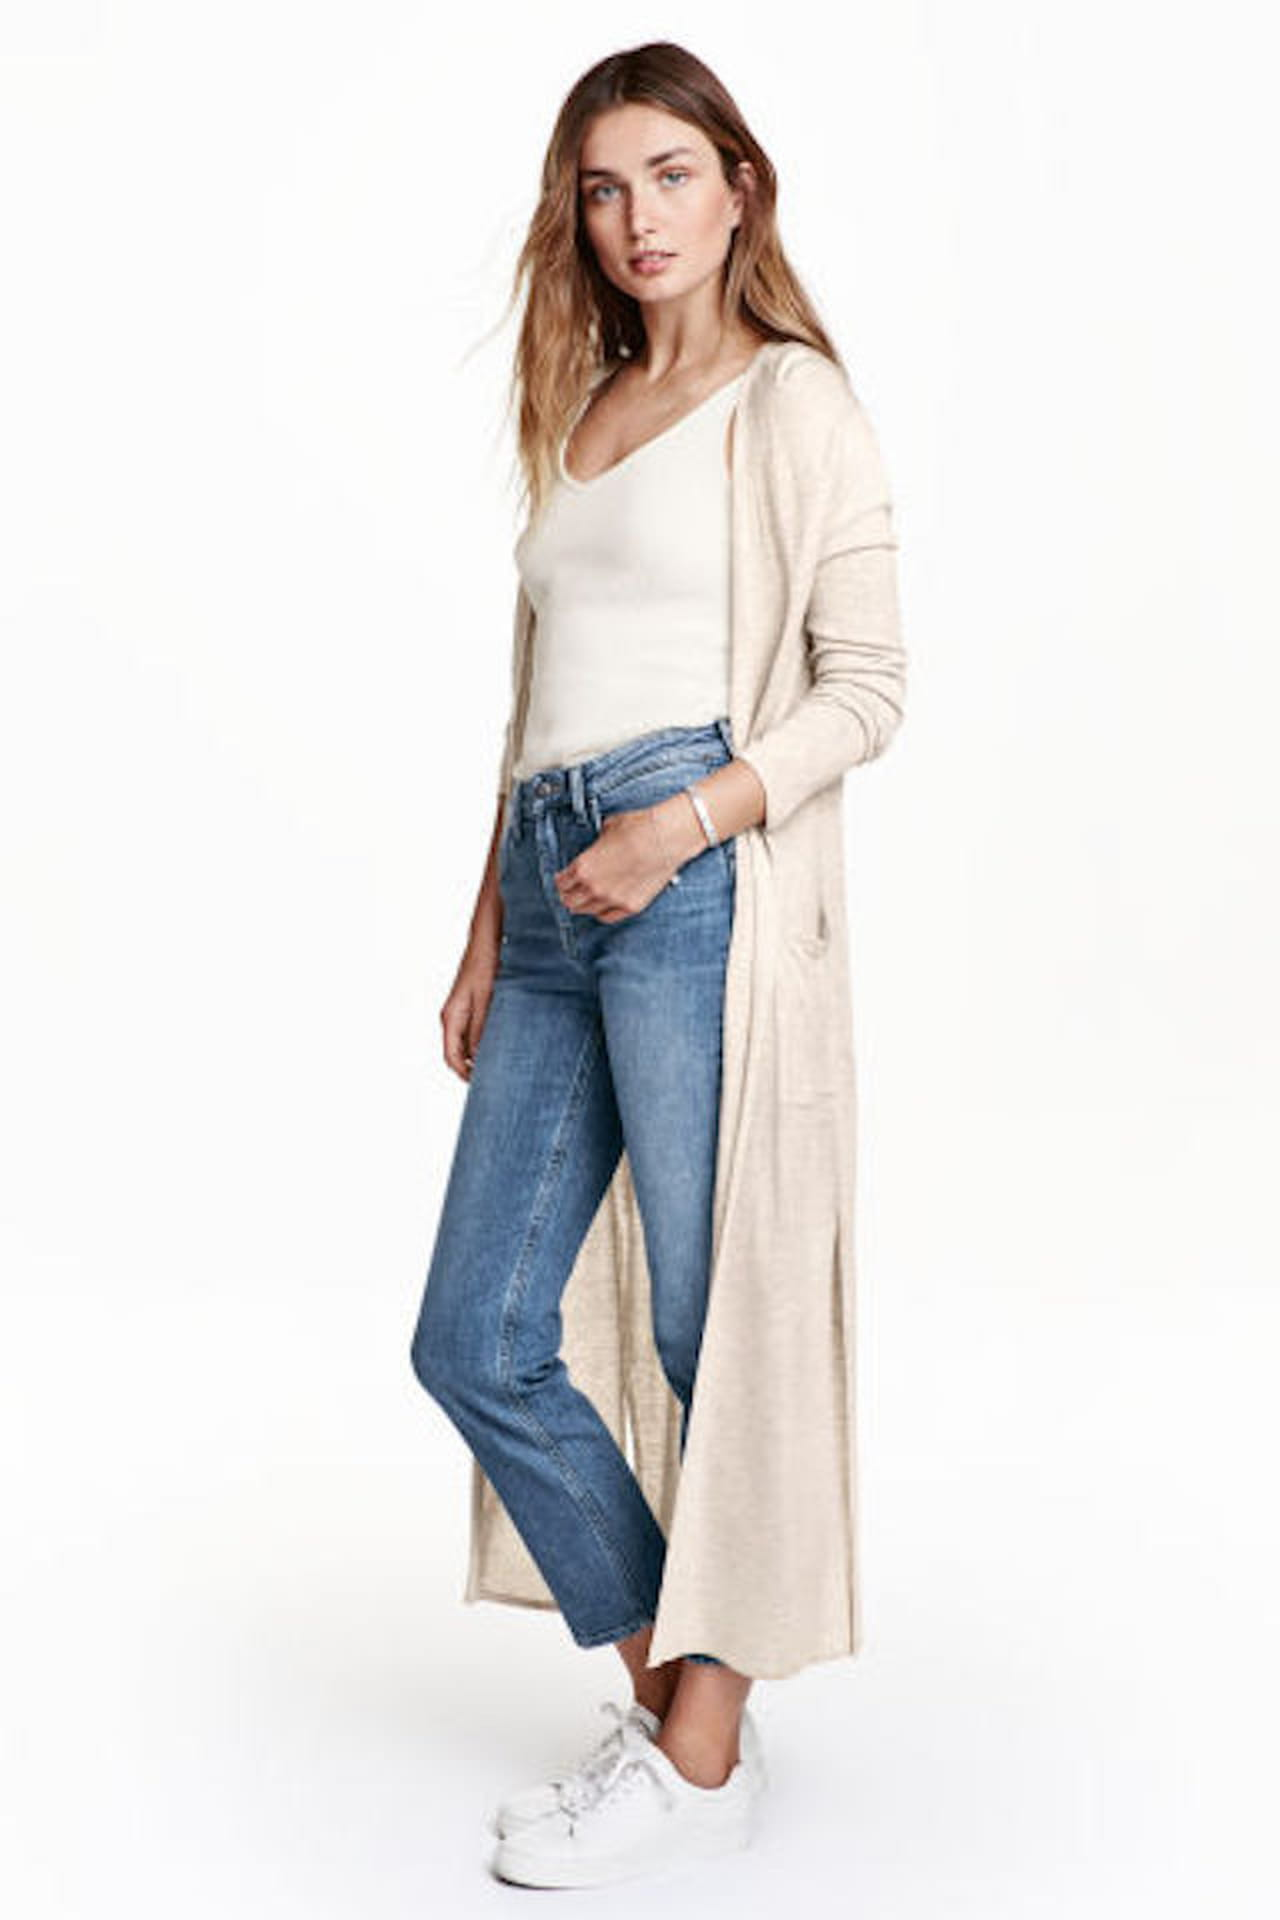 Molto Moda donna casual: i must have dello stile UO88